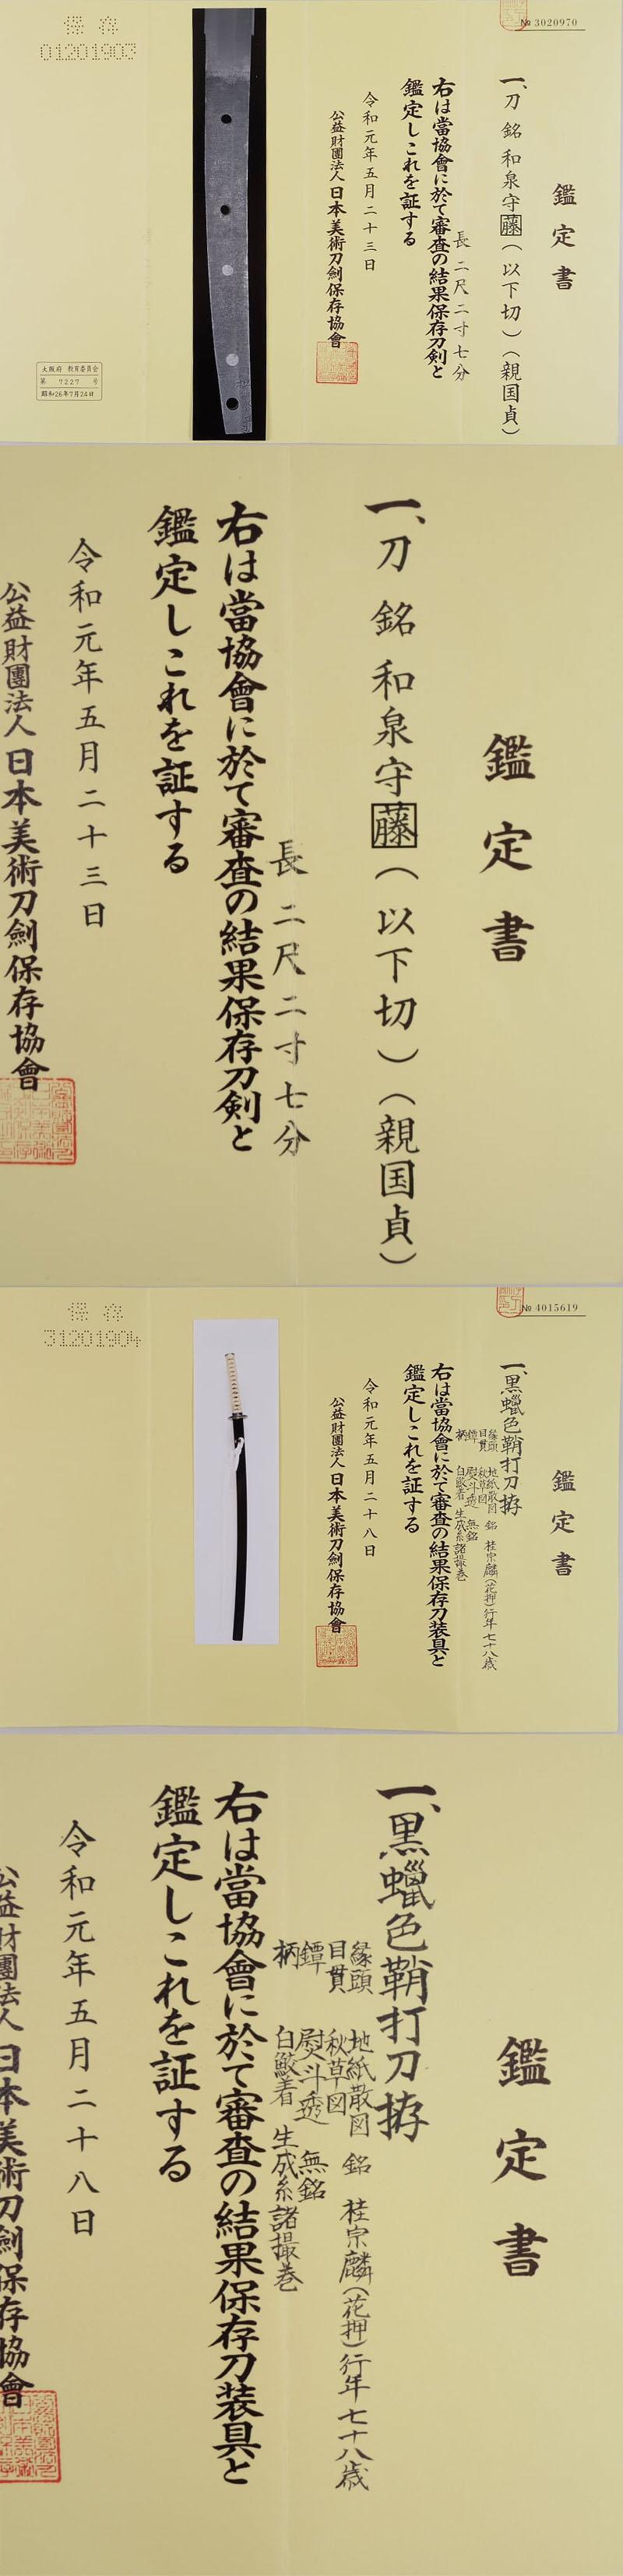 刀 和泉守藤(以下切)(親国貞)(新刀上々作)(大業物) Picture of Certificate